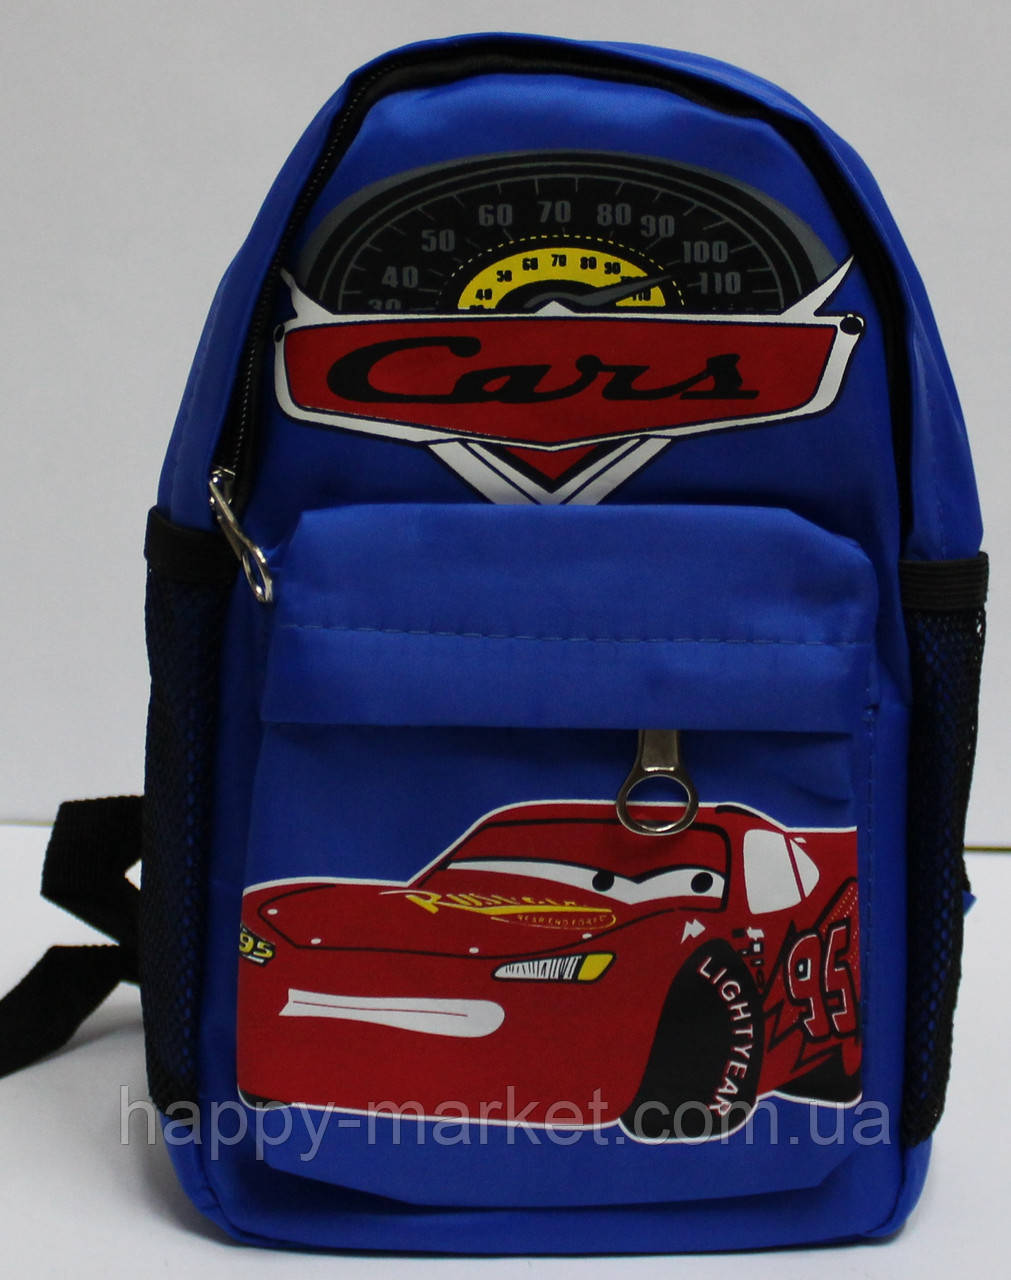 Маленький рюкзак с тачками где можно приобрести слинг-рюкзак